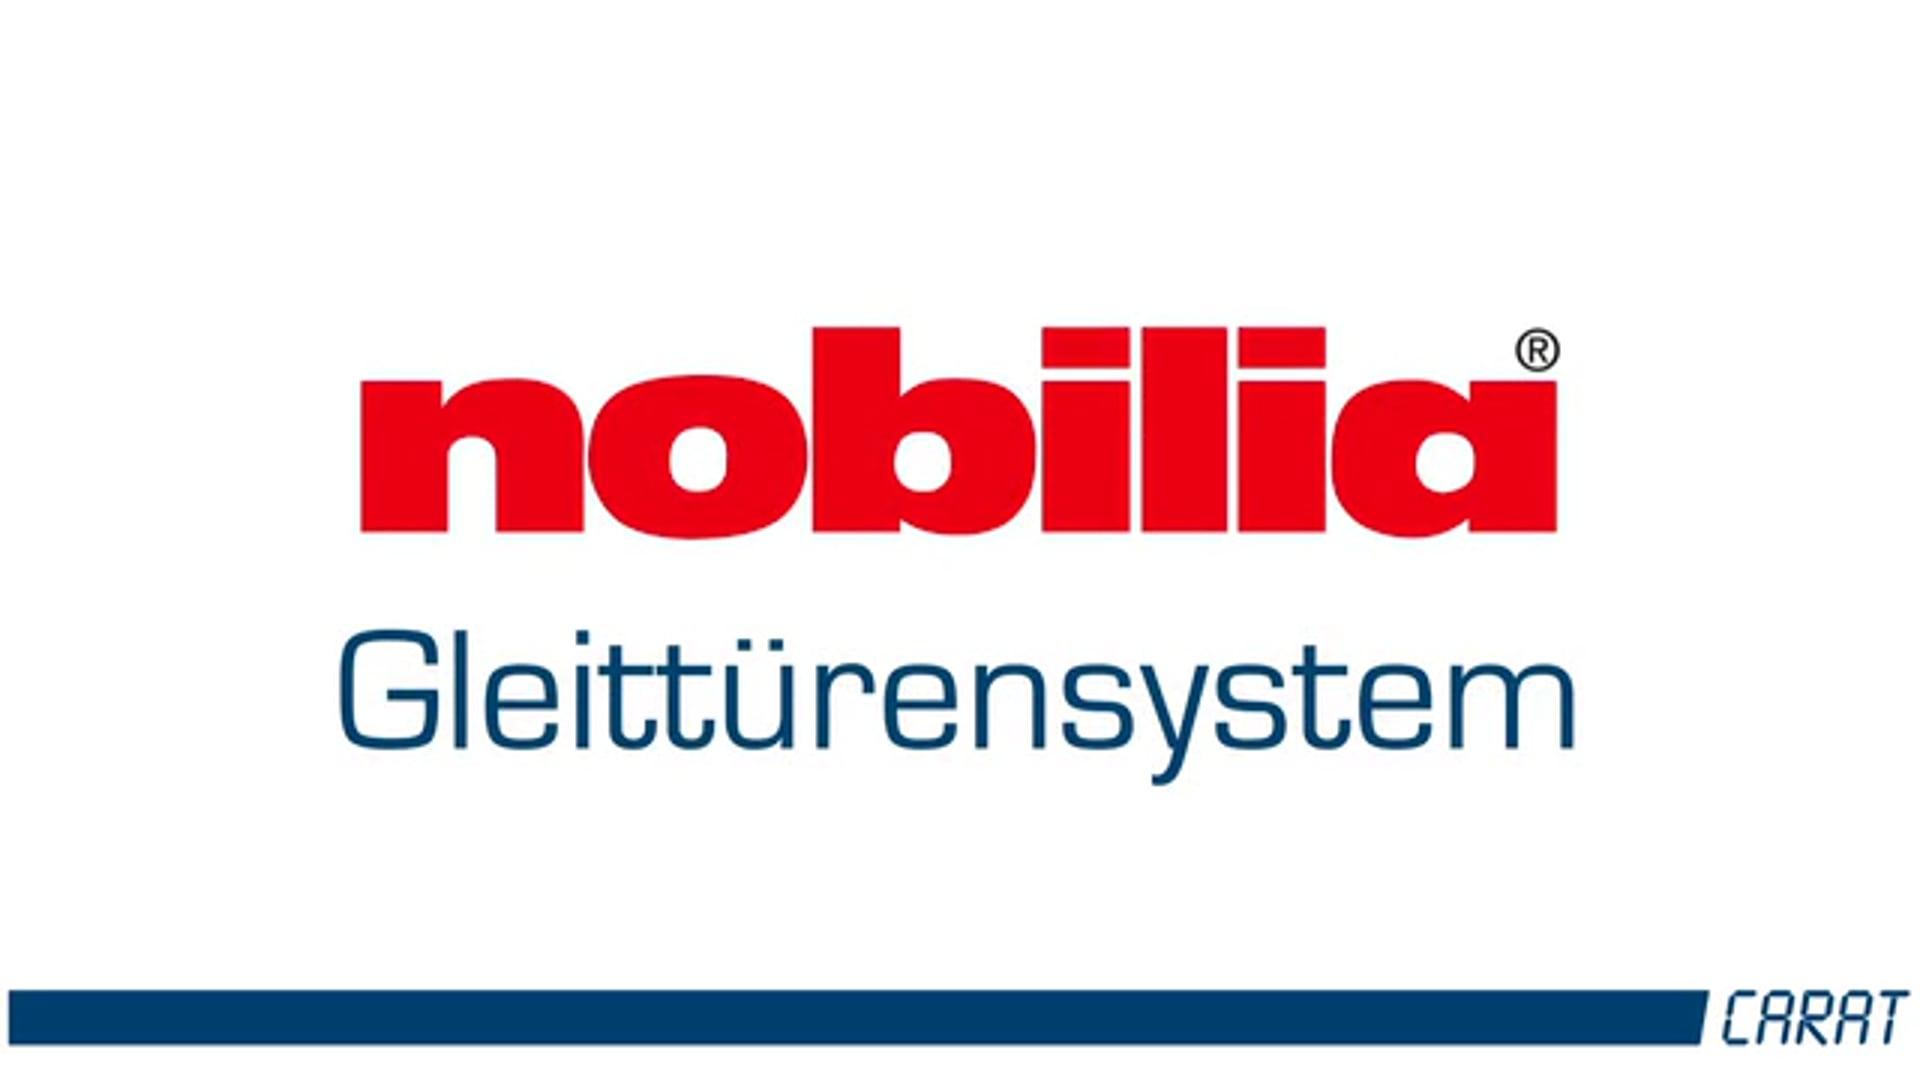 Nobilia Gleittüren